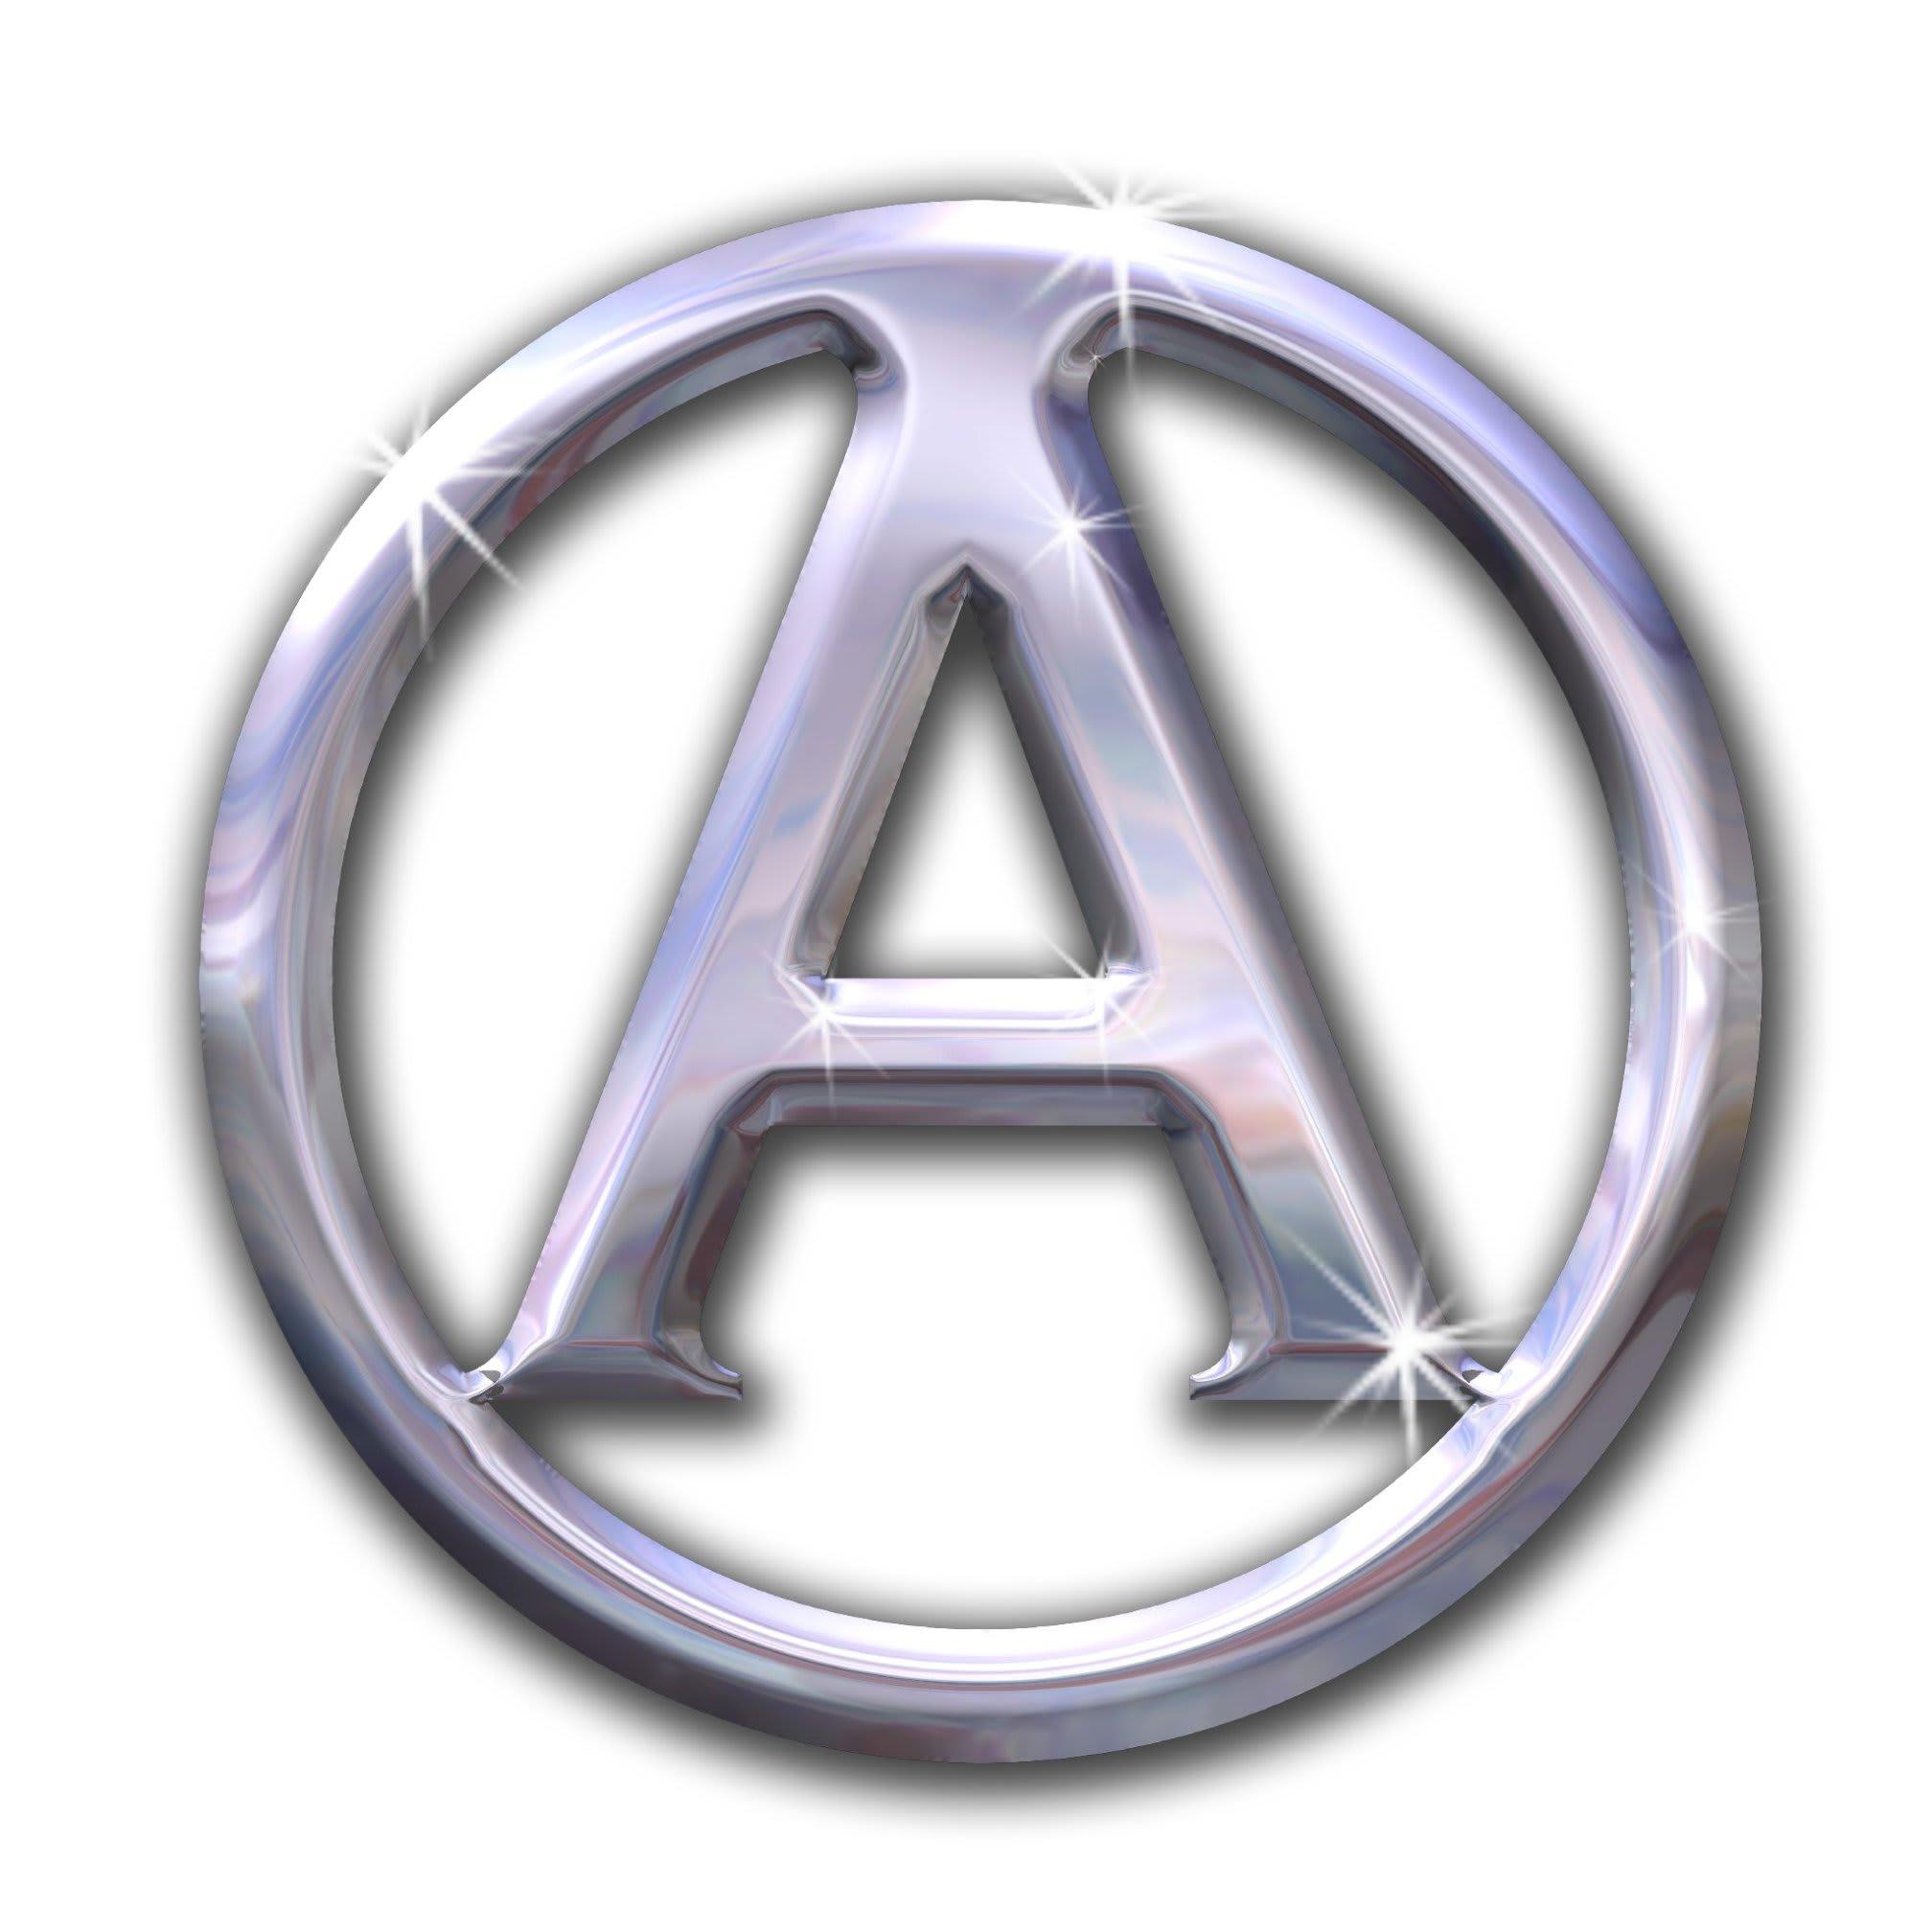 Autograze - Swanley, Kent  - 07532 770904 | ShowMeLocal.com